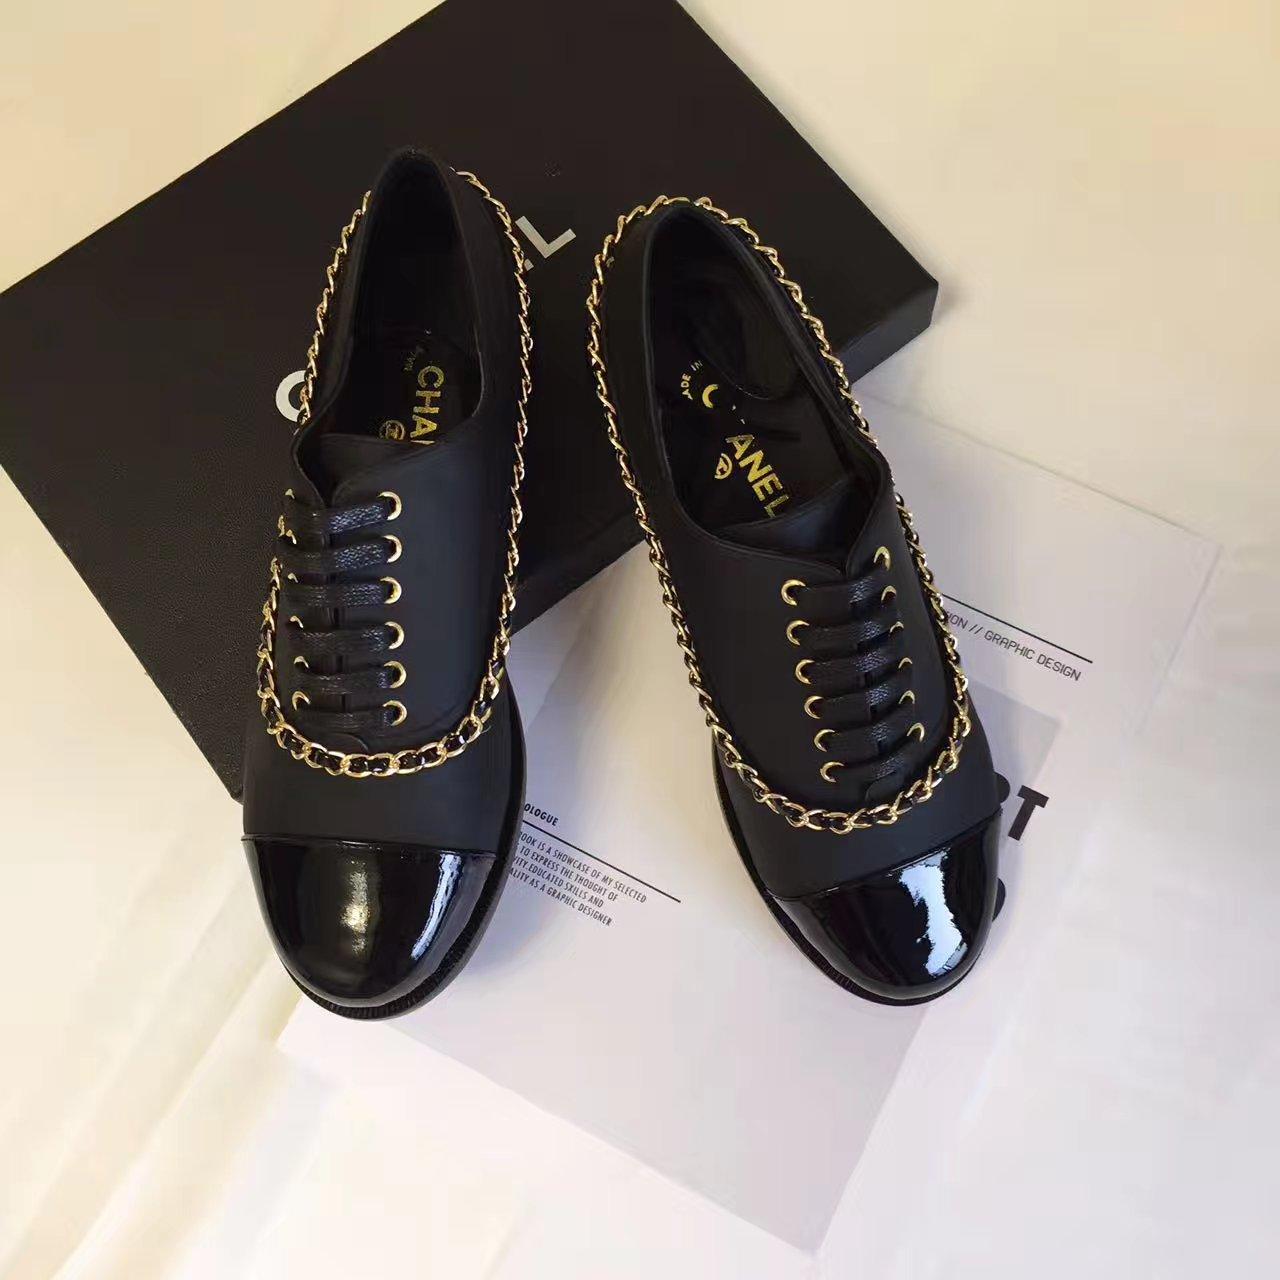 CHANEL新款单鞋 香奈儿休闲鞋 系带链条单鞋